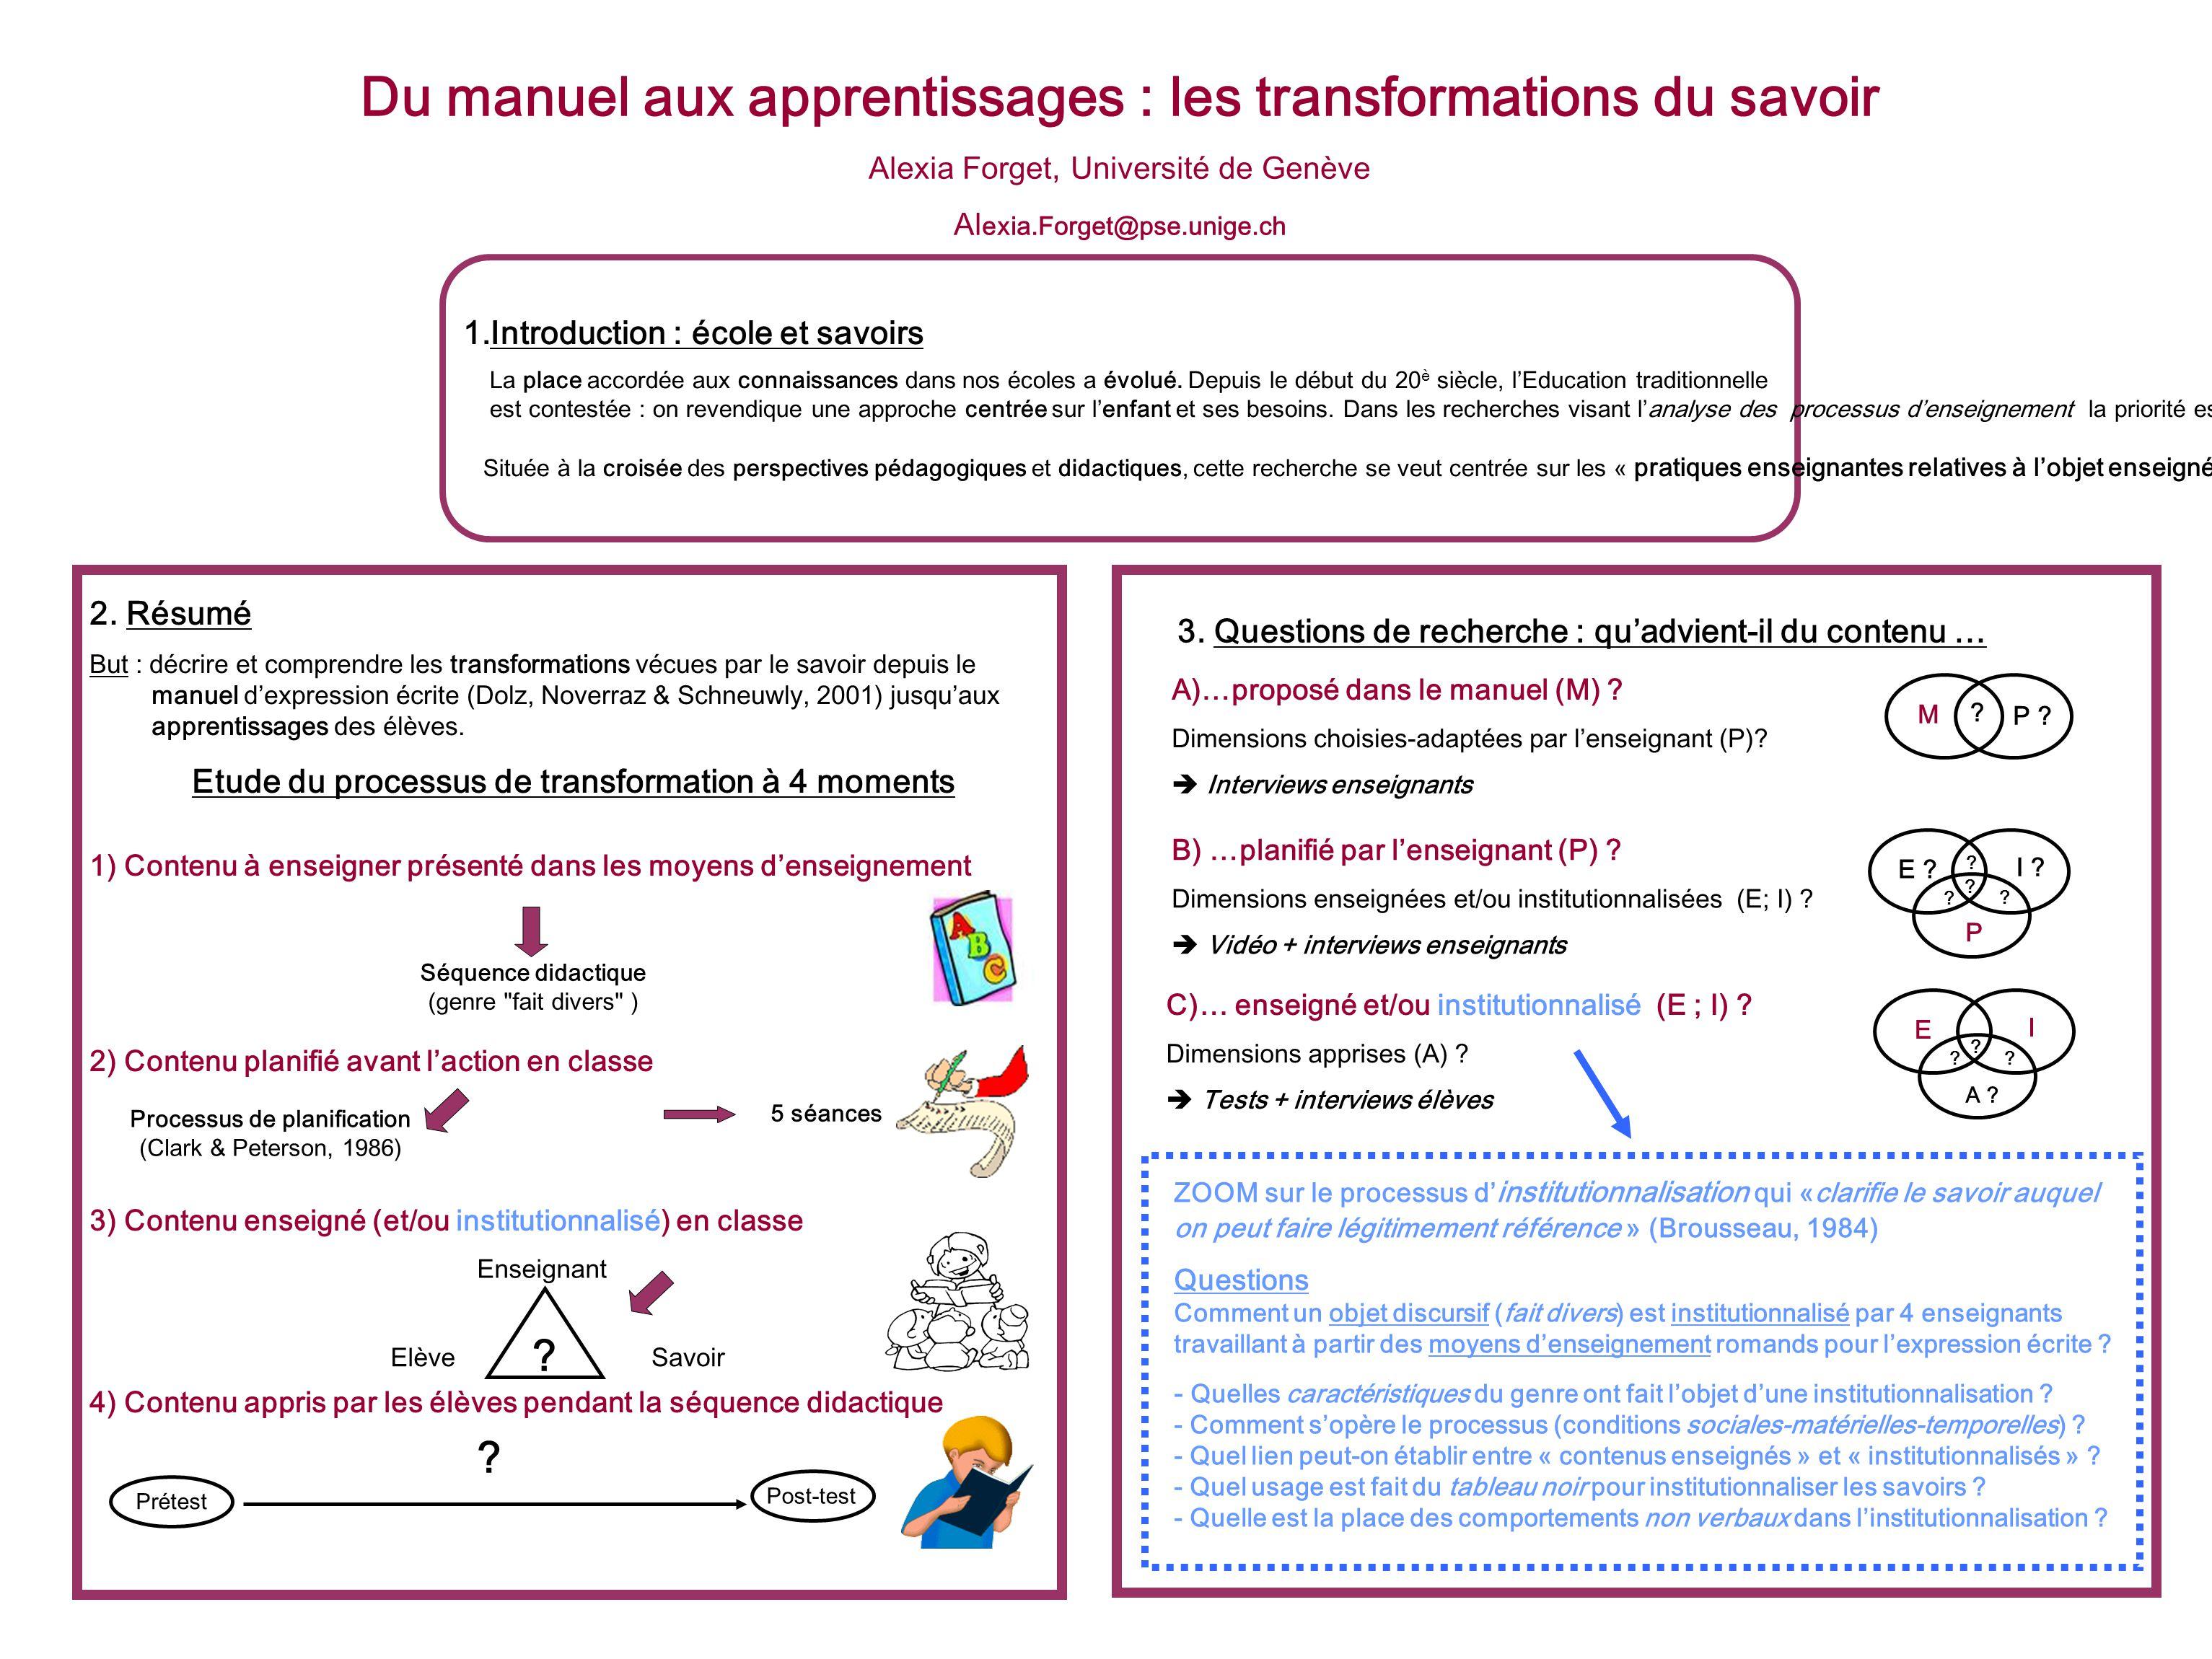 Du manuel aux apprentissages : les transformations du savoir